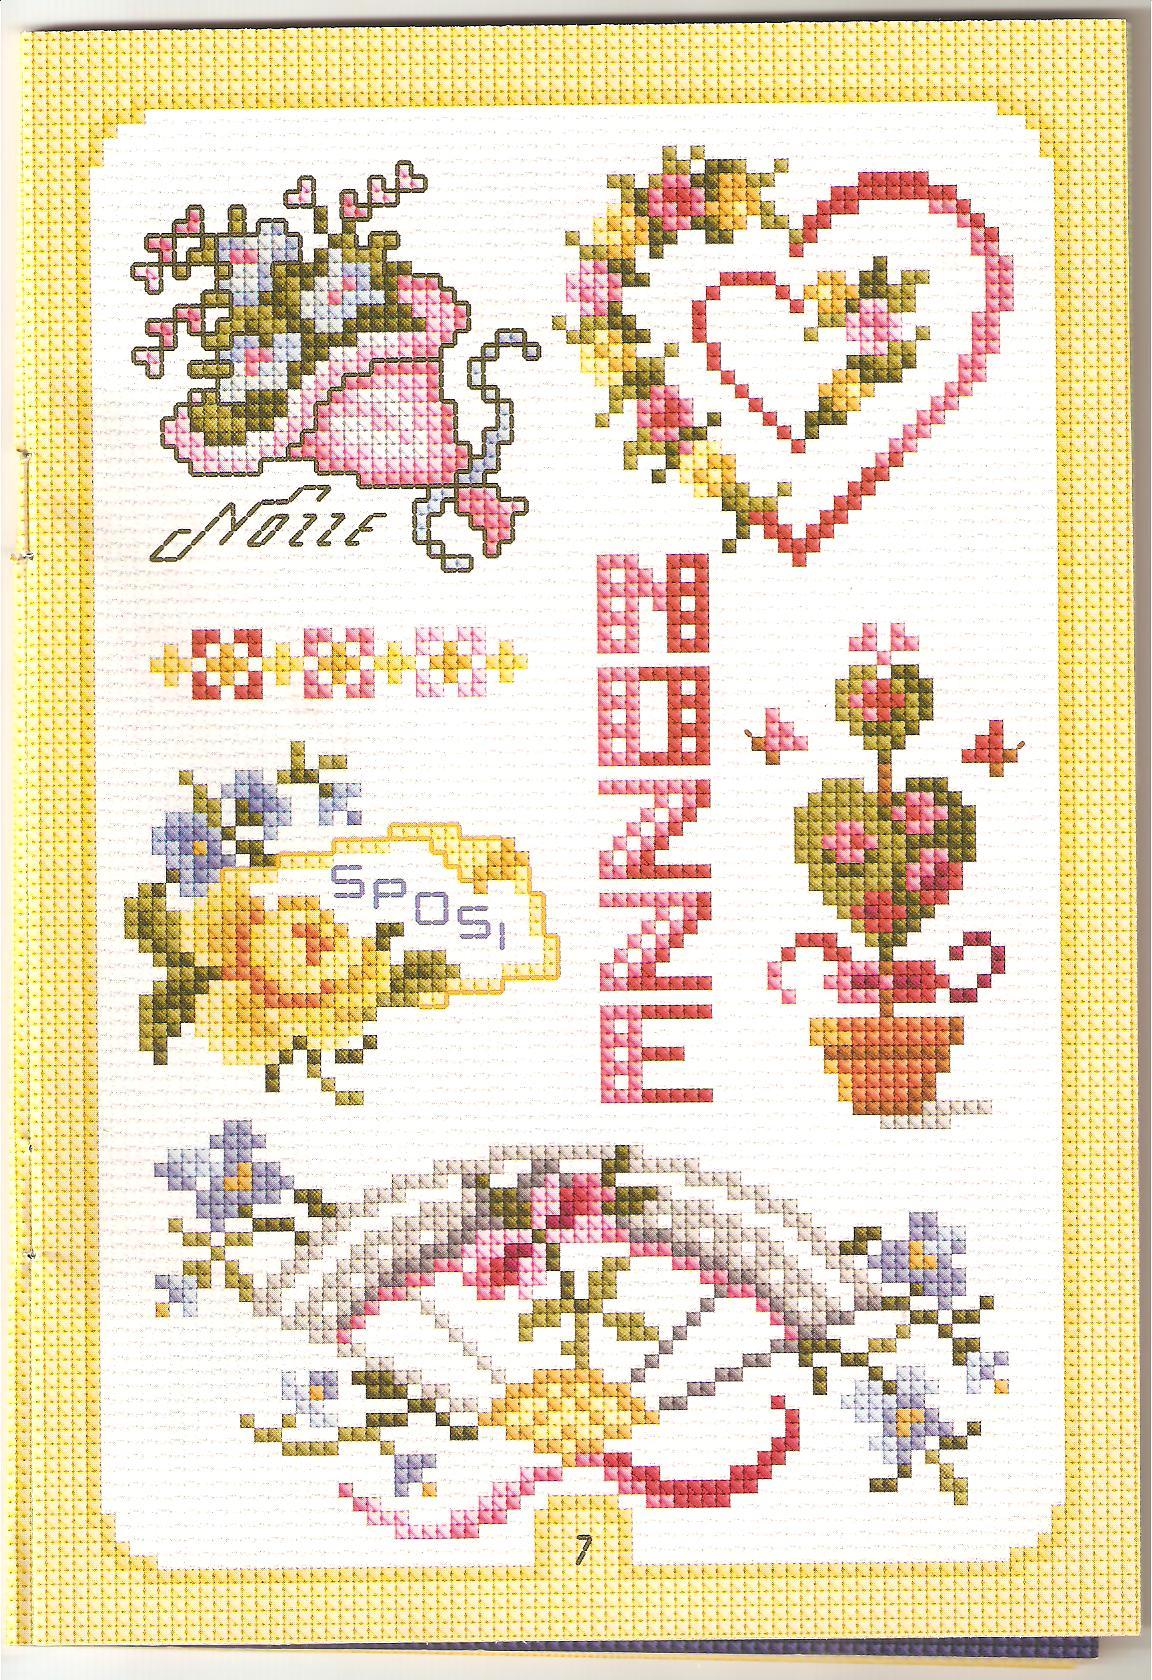 Bomboniere Matrimonio Punto Croce Schemi.Schema Punto Croce Matrimonio 54